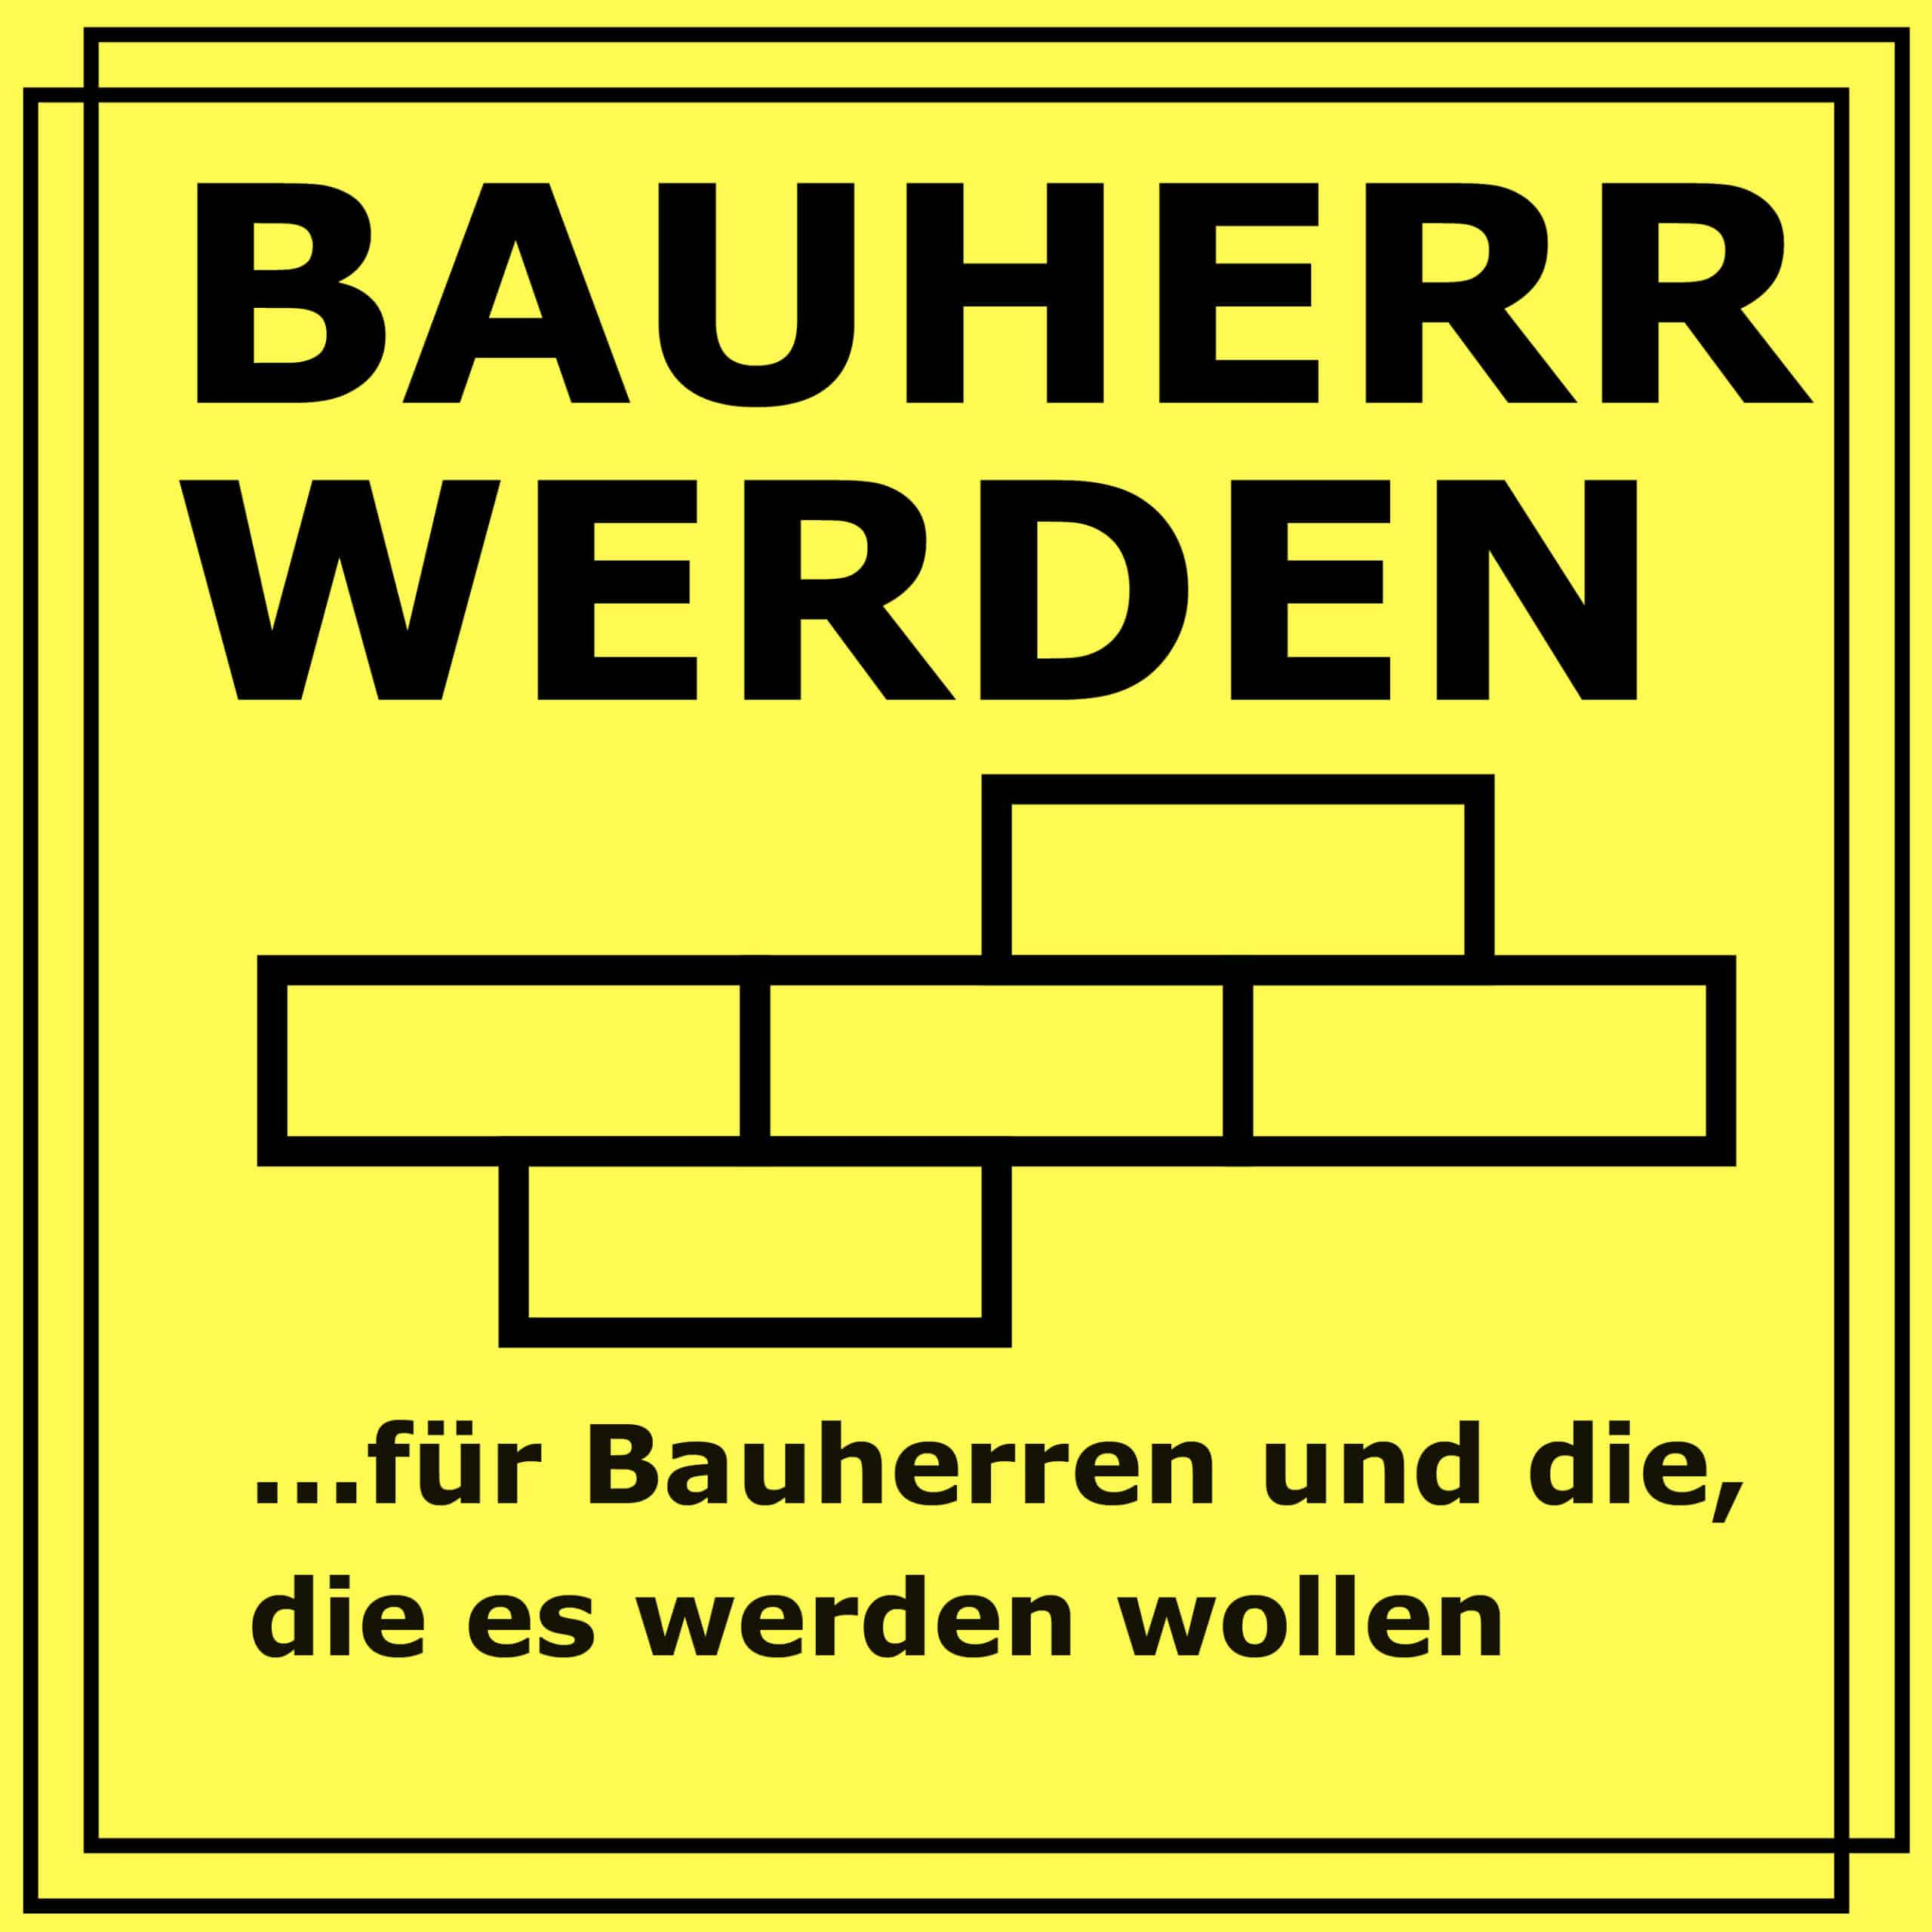 Bauherr werden Immotege Finanzierung Baufinanzierung Philipp Scharpf Erfahrung